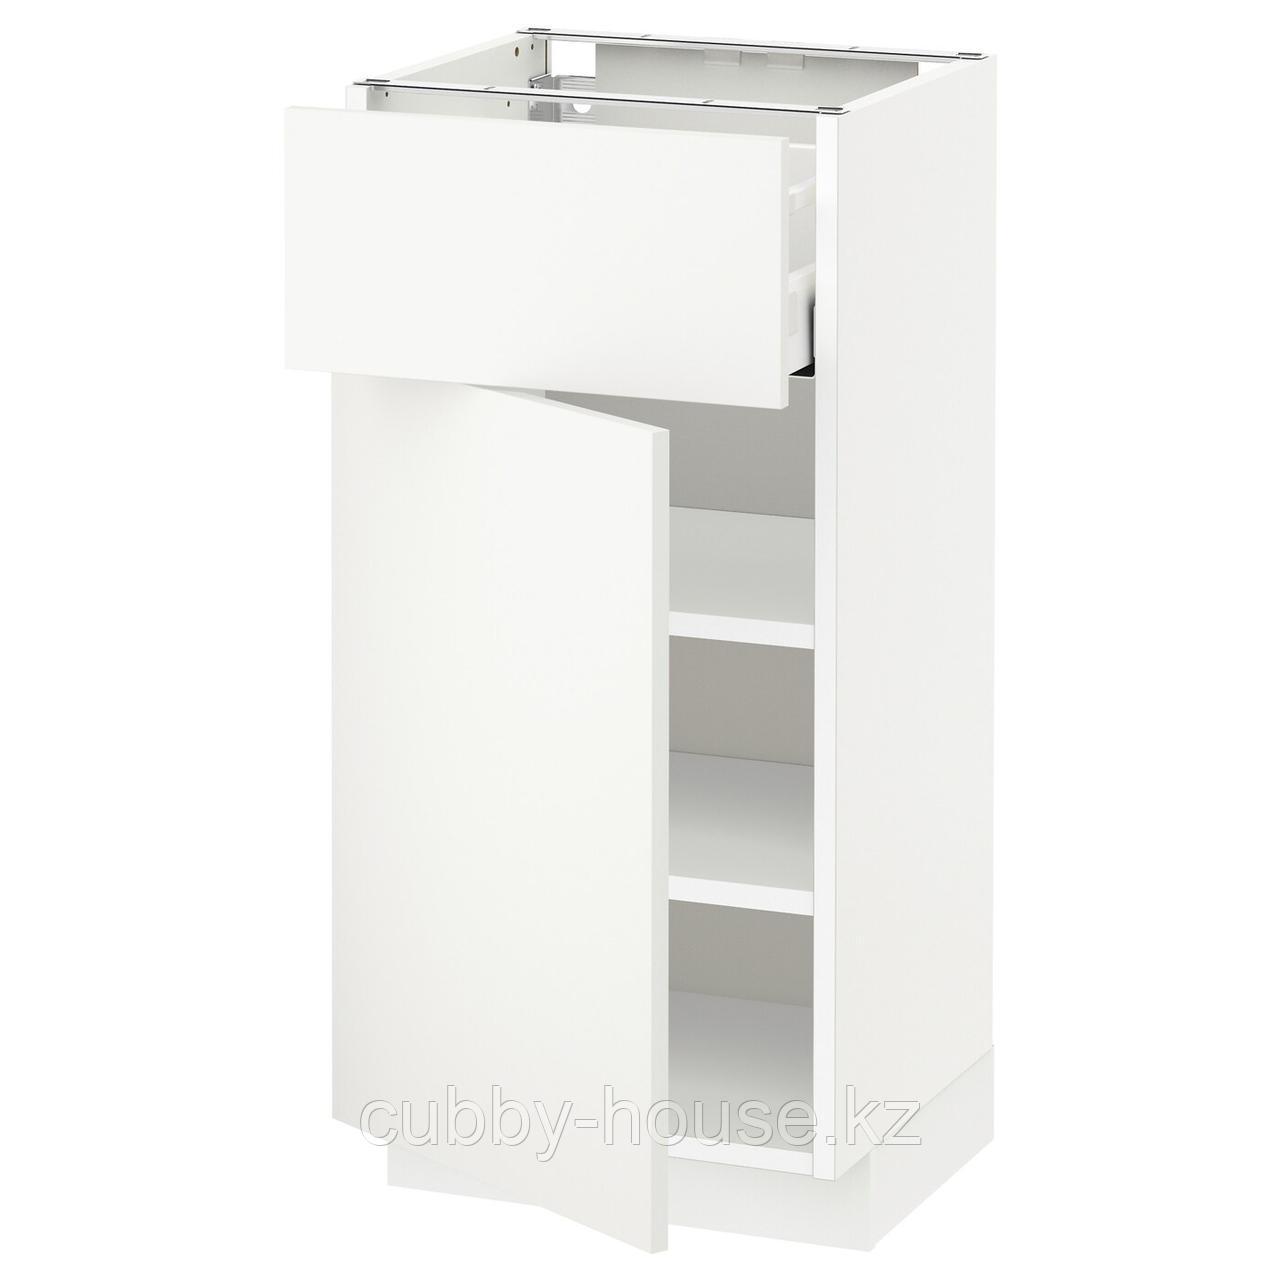 МЕТОД / МАКСИМЕРА Напольный шкаф с ящиком/дверью, белый, Будбин белый с оттенком, 40x60 см